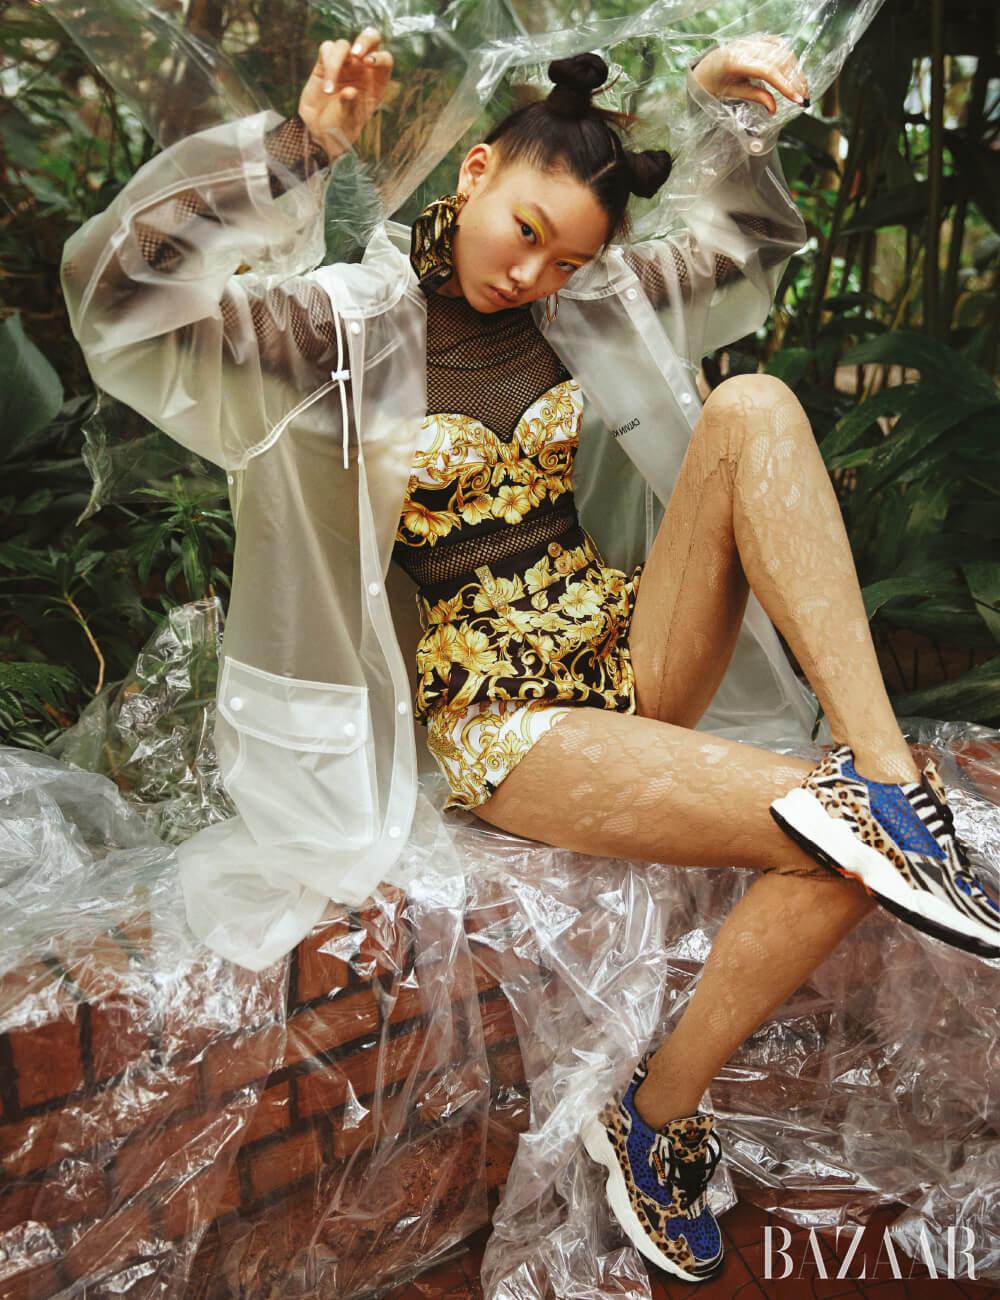 메시 톱은 Zara, 브라 톱은 1백만원, 쇼츠는 1백8만원, 귀고리는 53만원 모두 Versace, 레인코트는Calvin Klein Jeans, 스타킹은 Gucci, 스니커즈는 14만9천원 Adidas Originals.